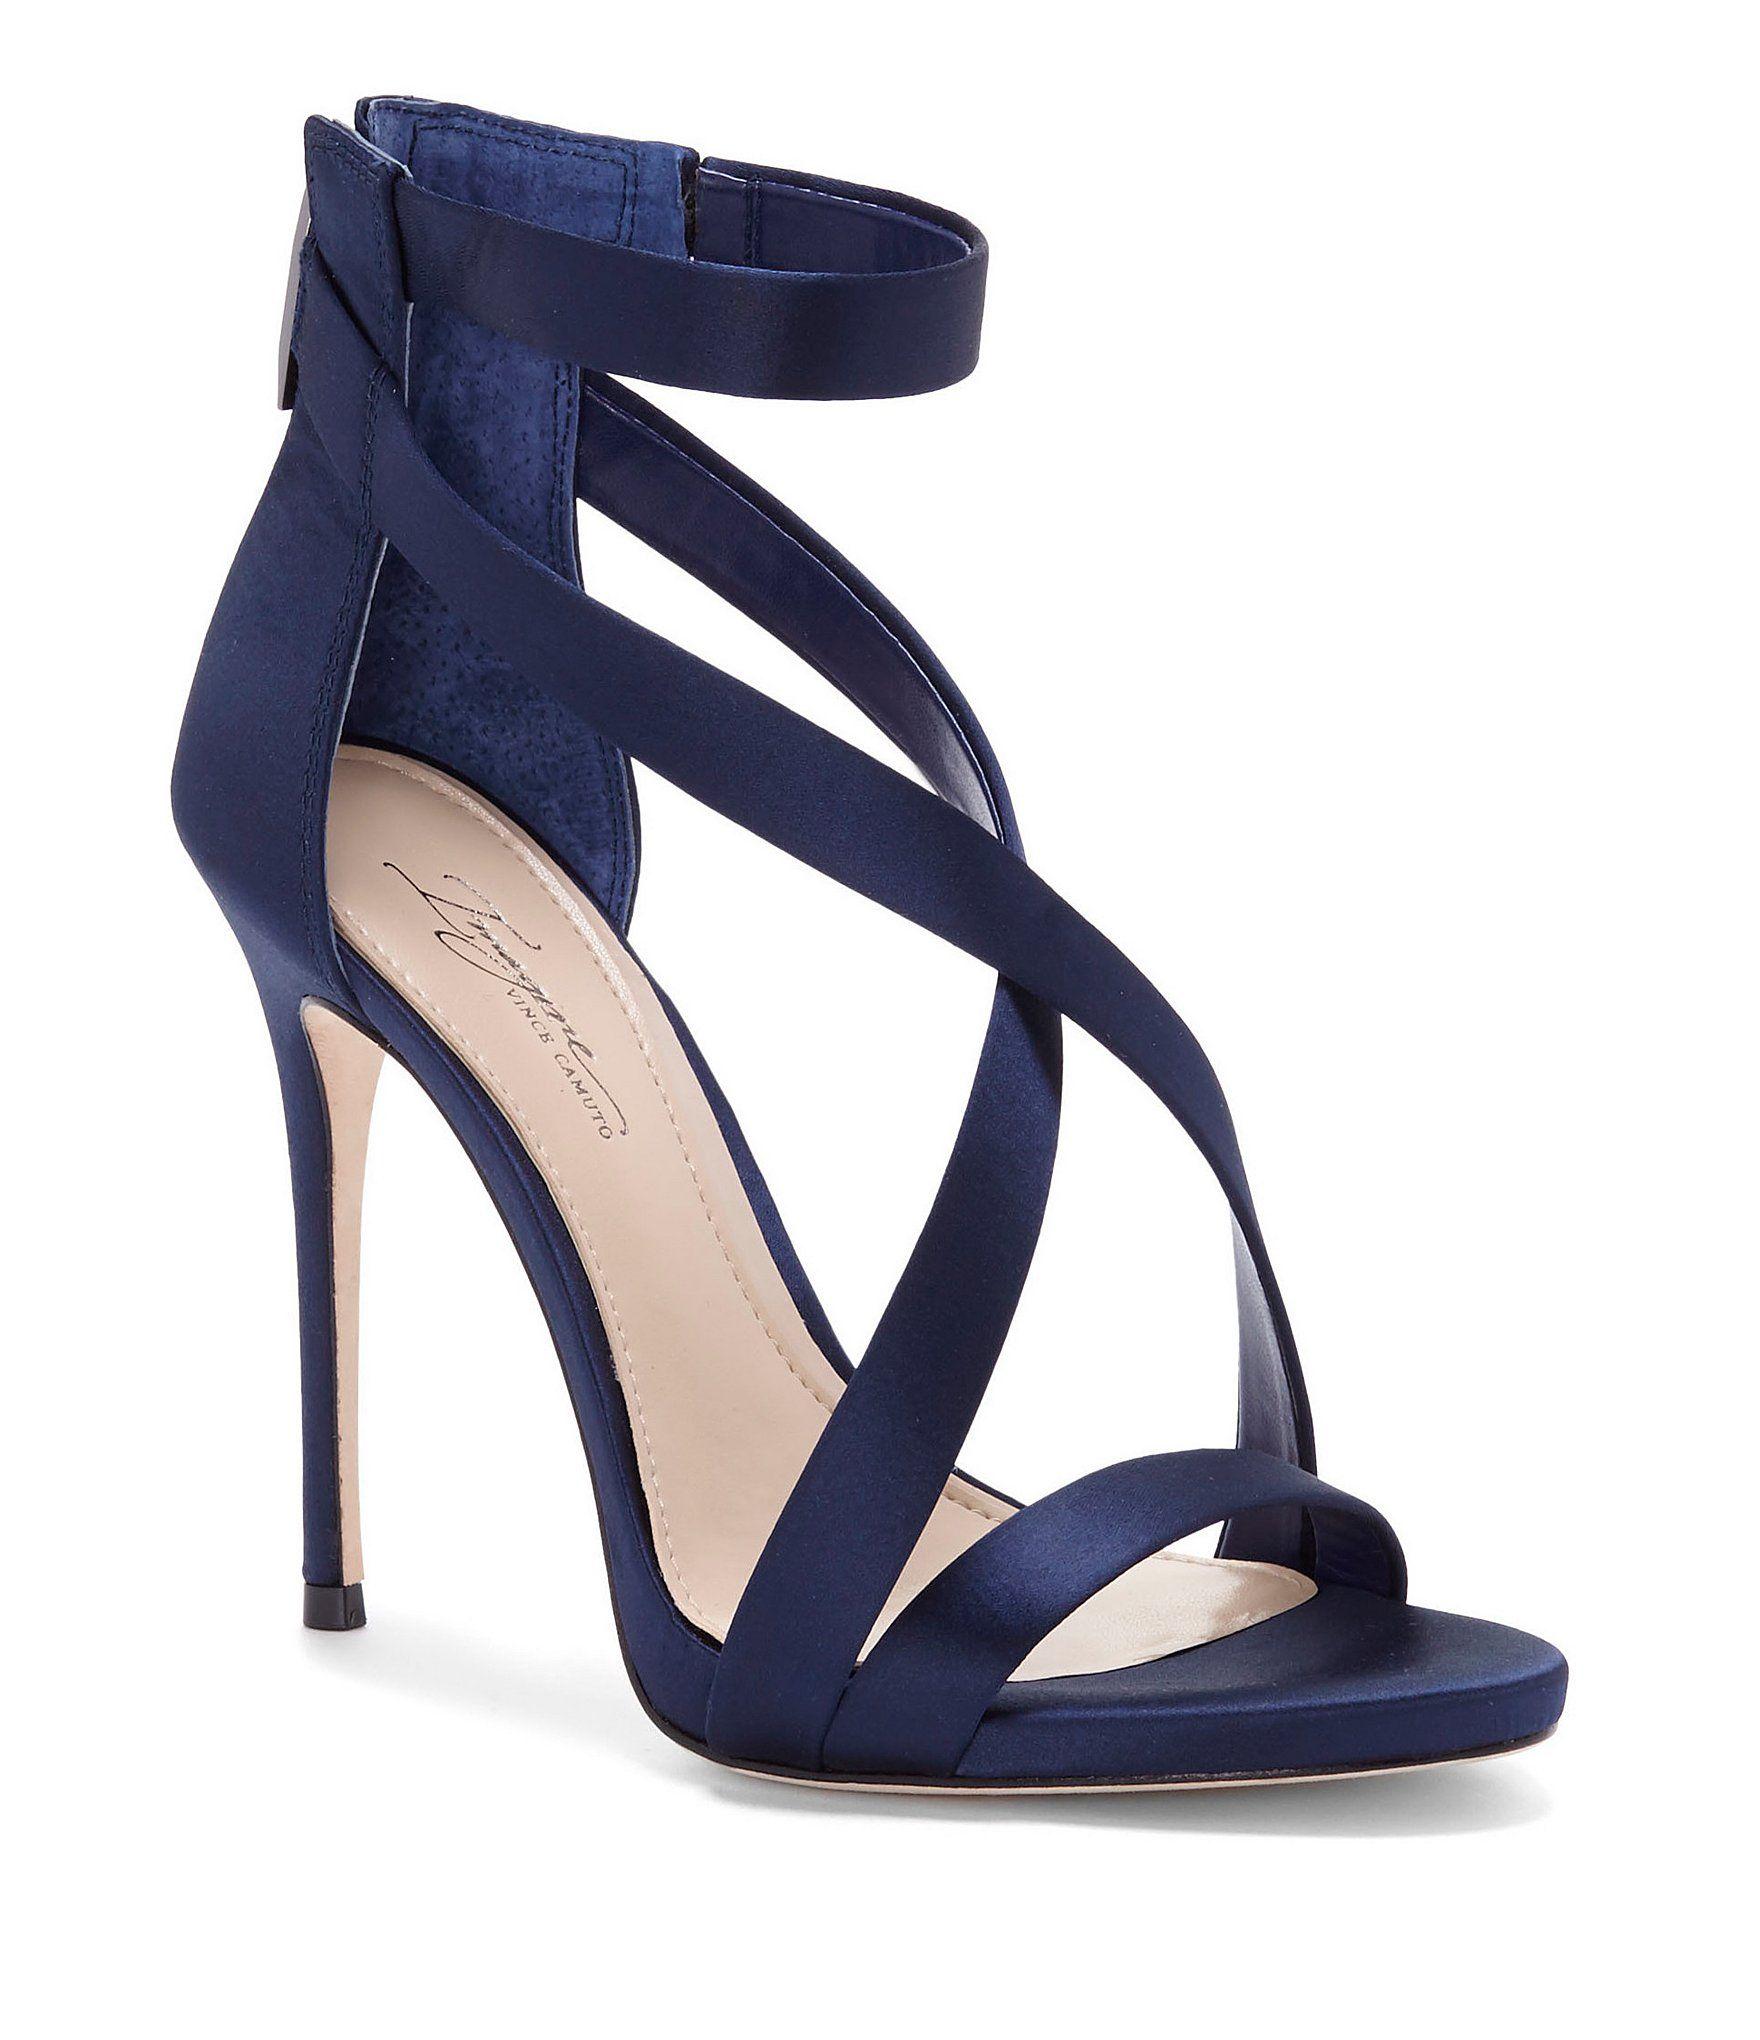 navy blue dress sandals